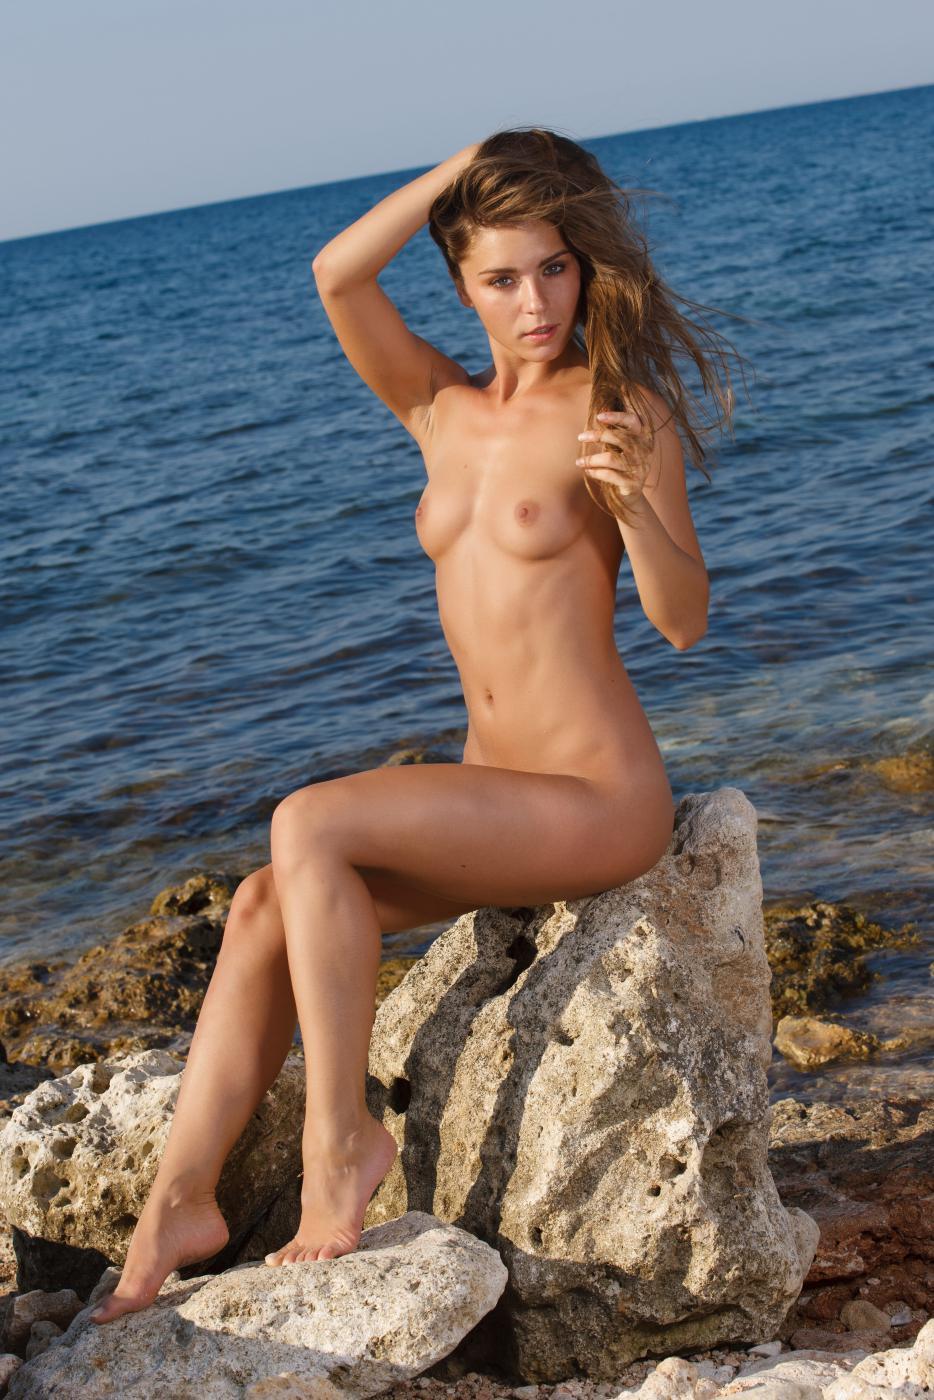 Милая детка Lily C обнажает нагую, классную сраку и бритую киску на берегу моря